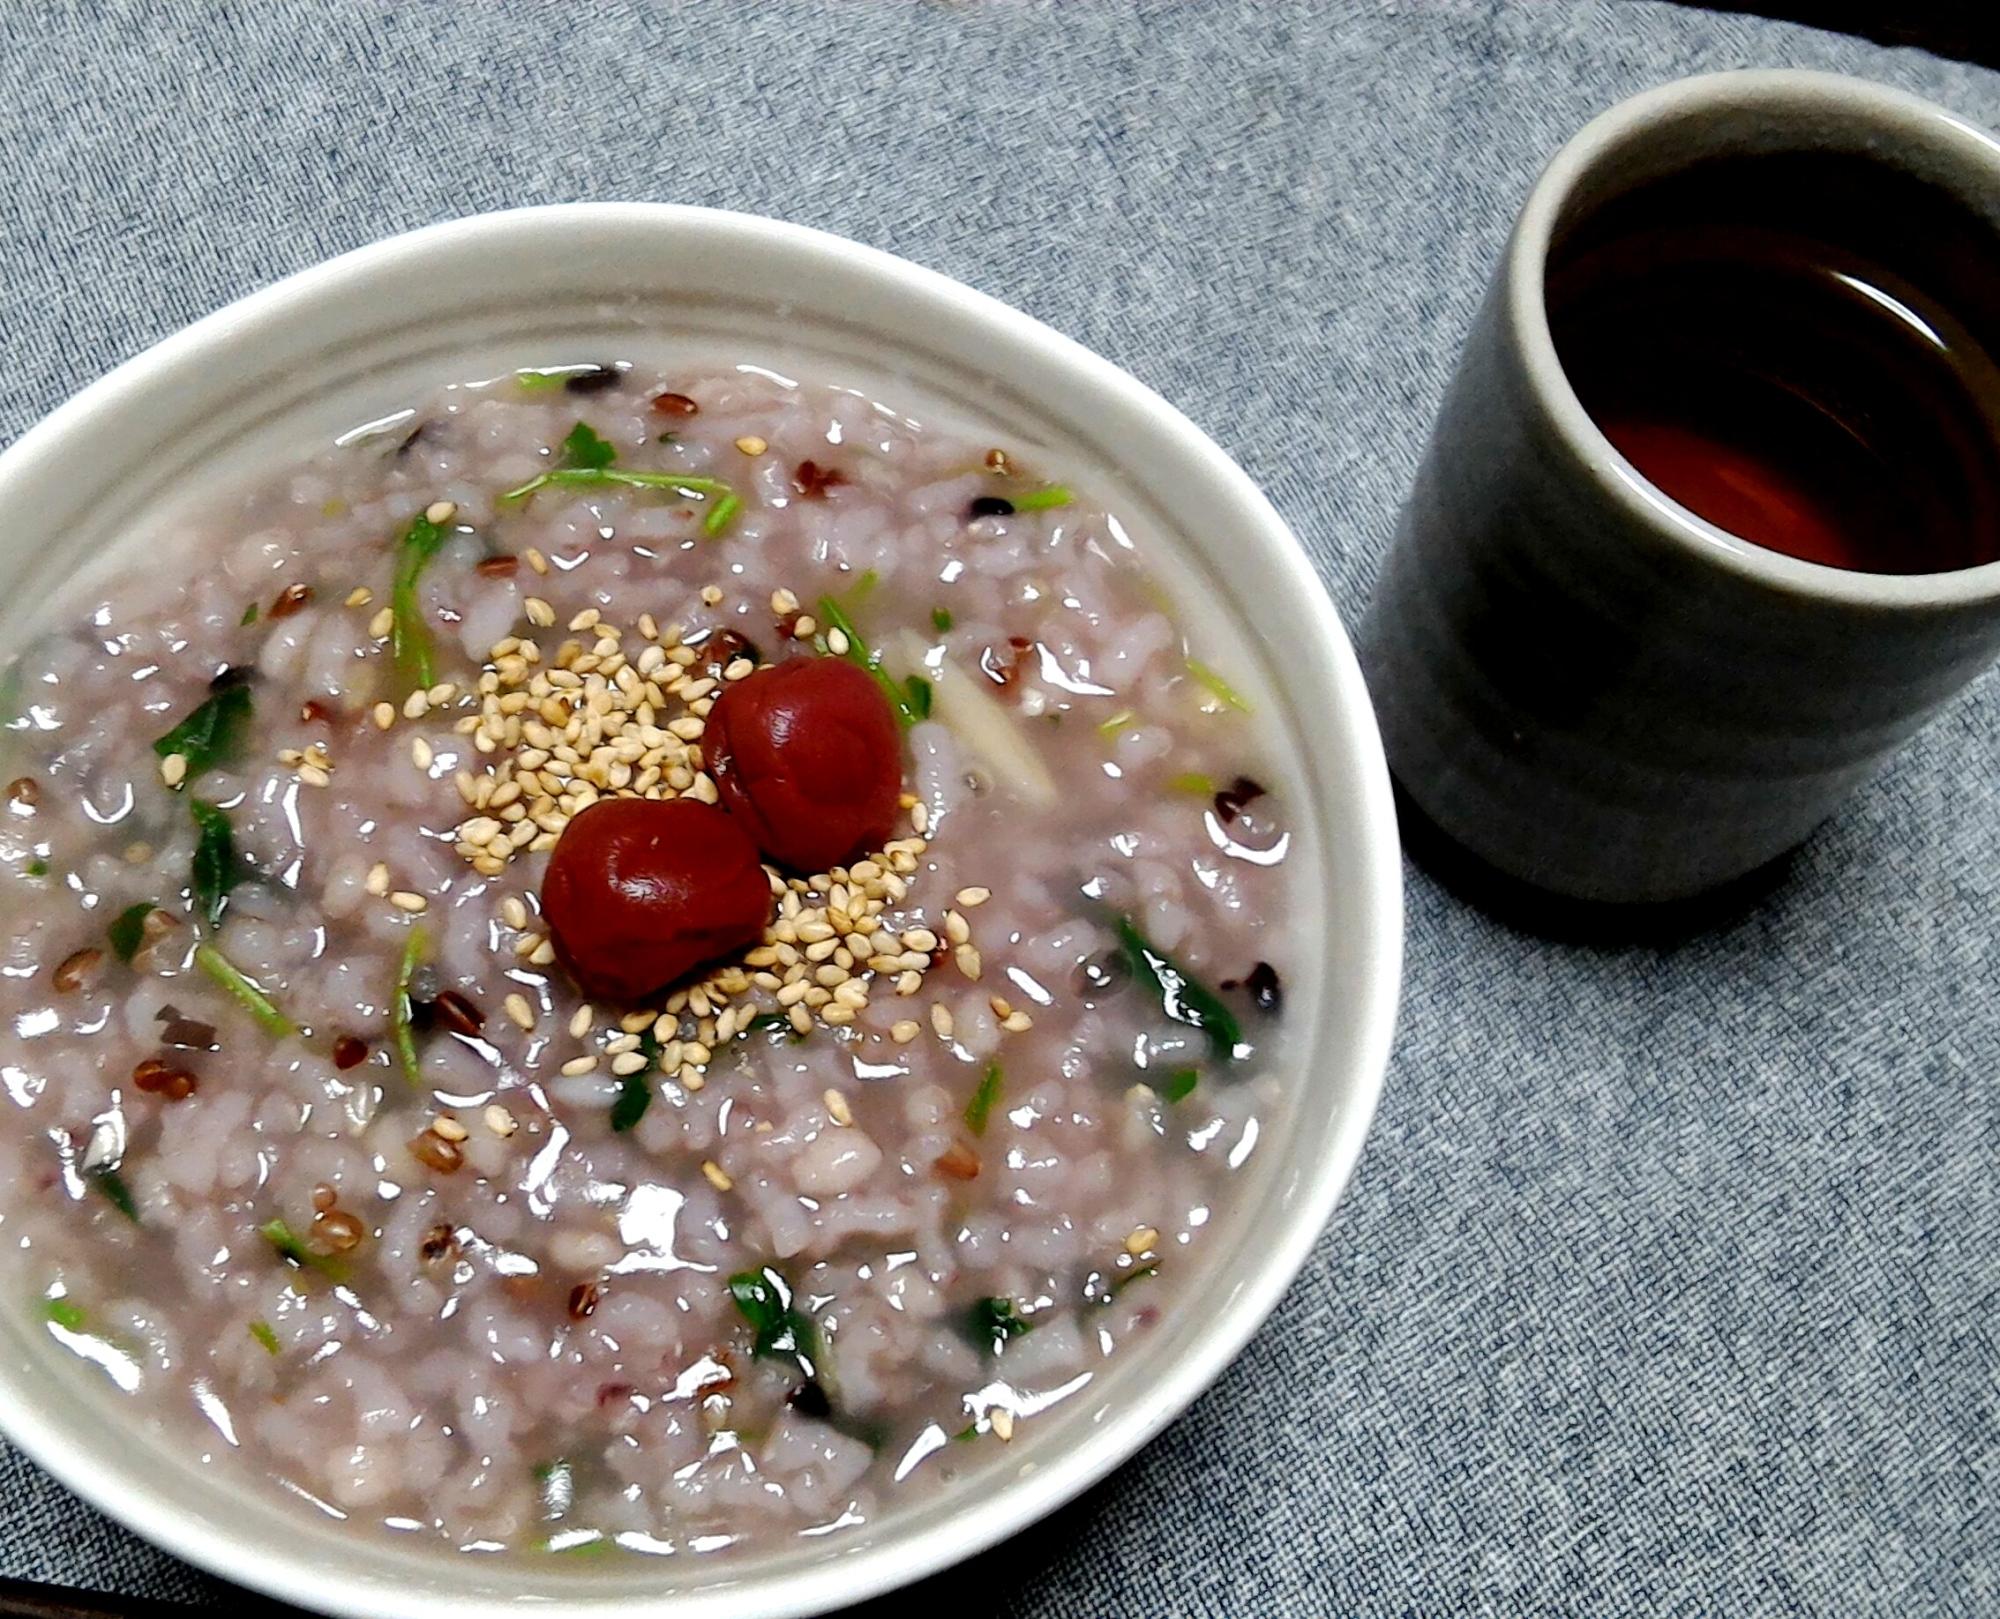 赤米と雑穀の七草粥☆炊飯器使用 レシピ・作り方